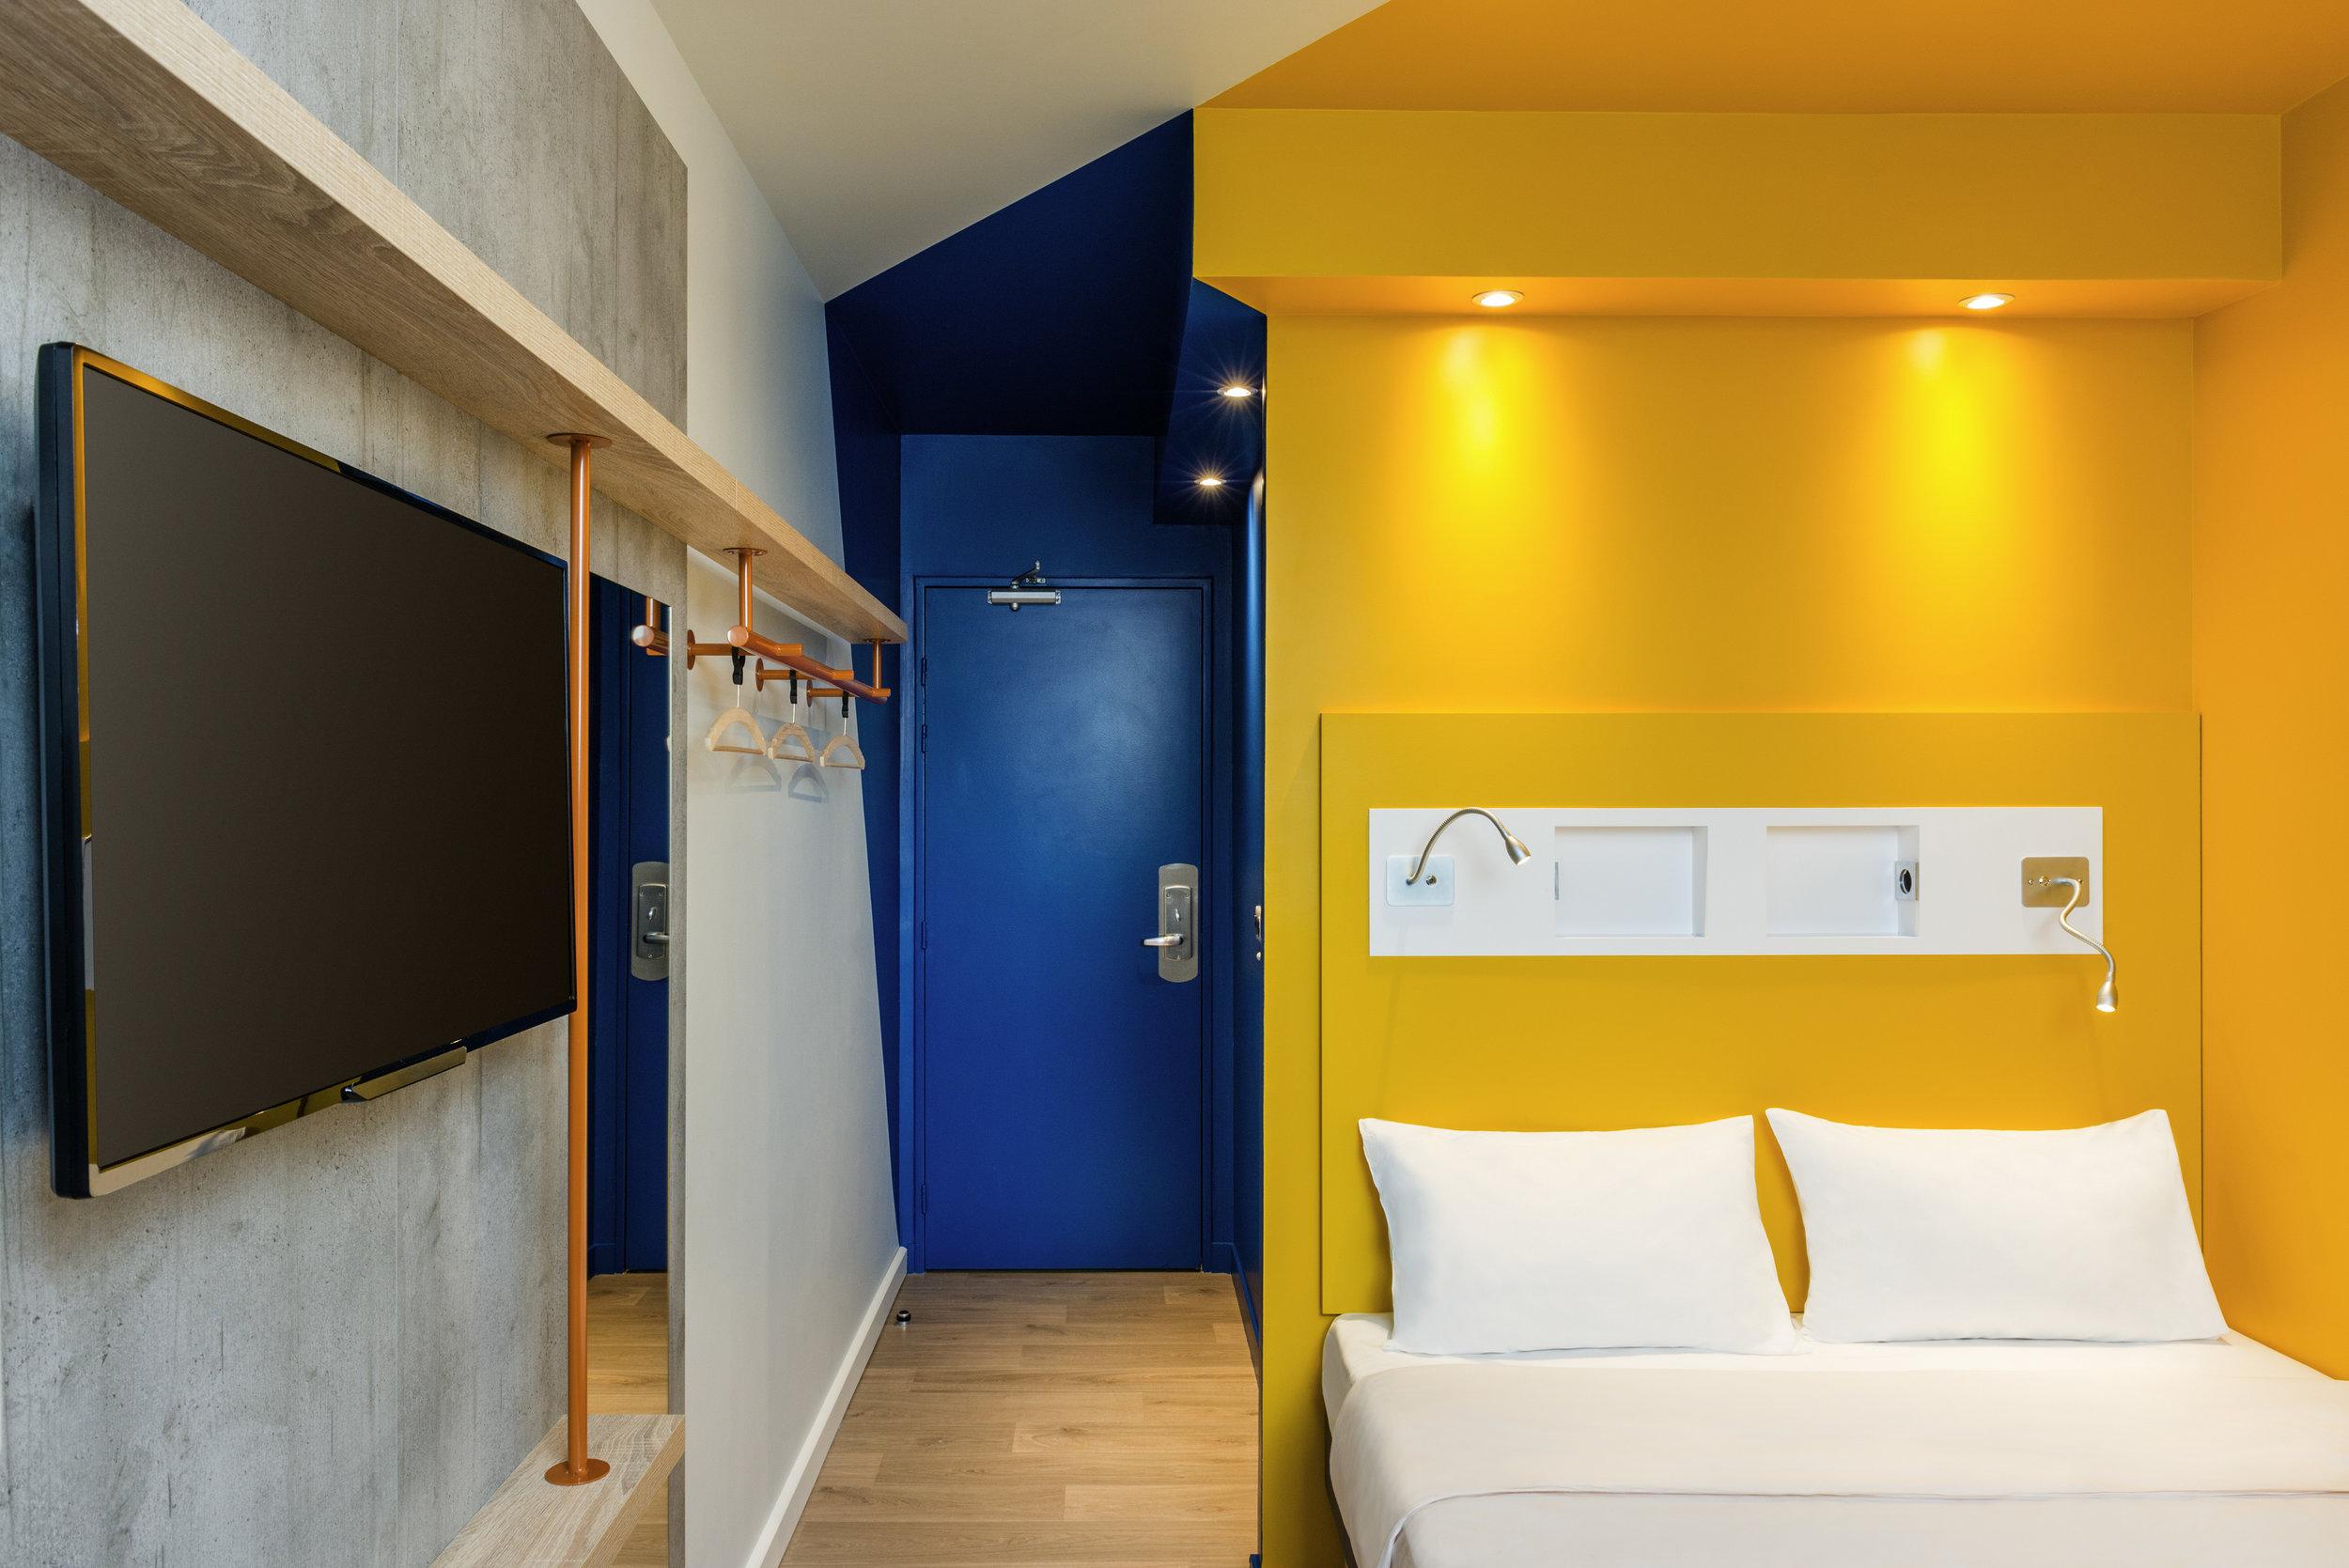 Détention murs et fonds 2 étoiles 88 chambres Snacking 24/24 Le + : la nouvelle chambre pour 1, 2 ou 3 hôtes